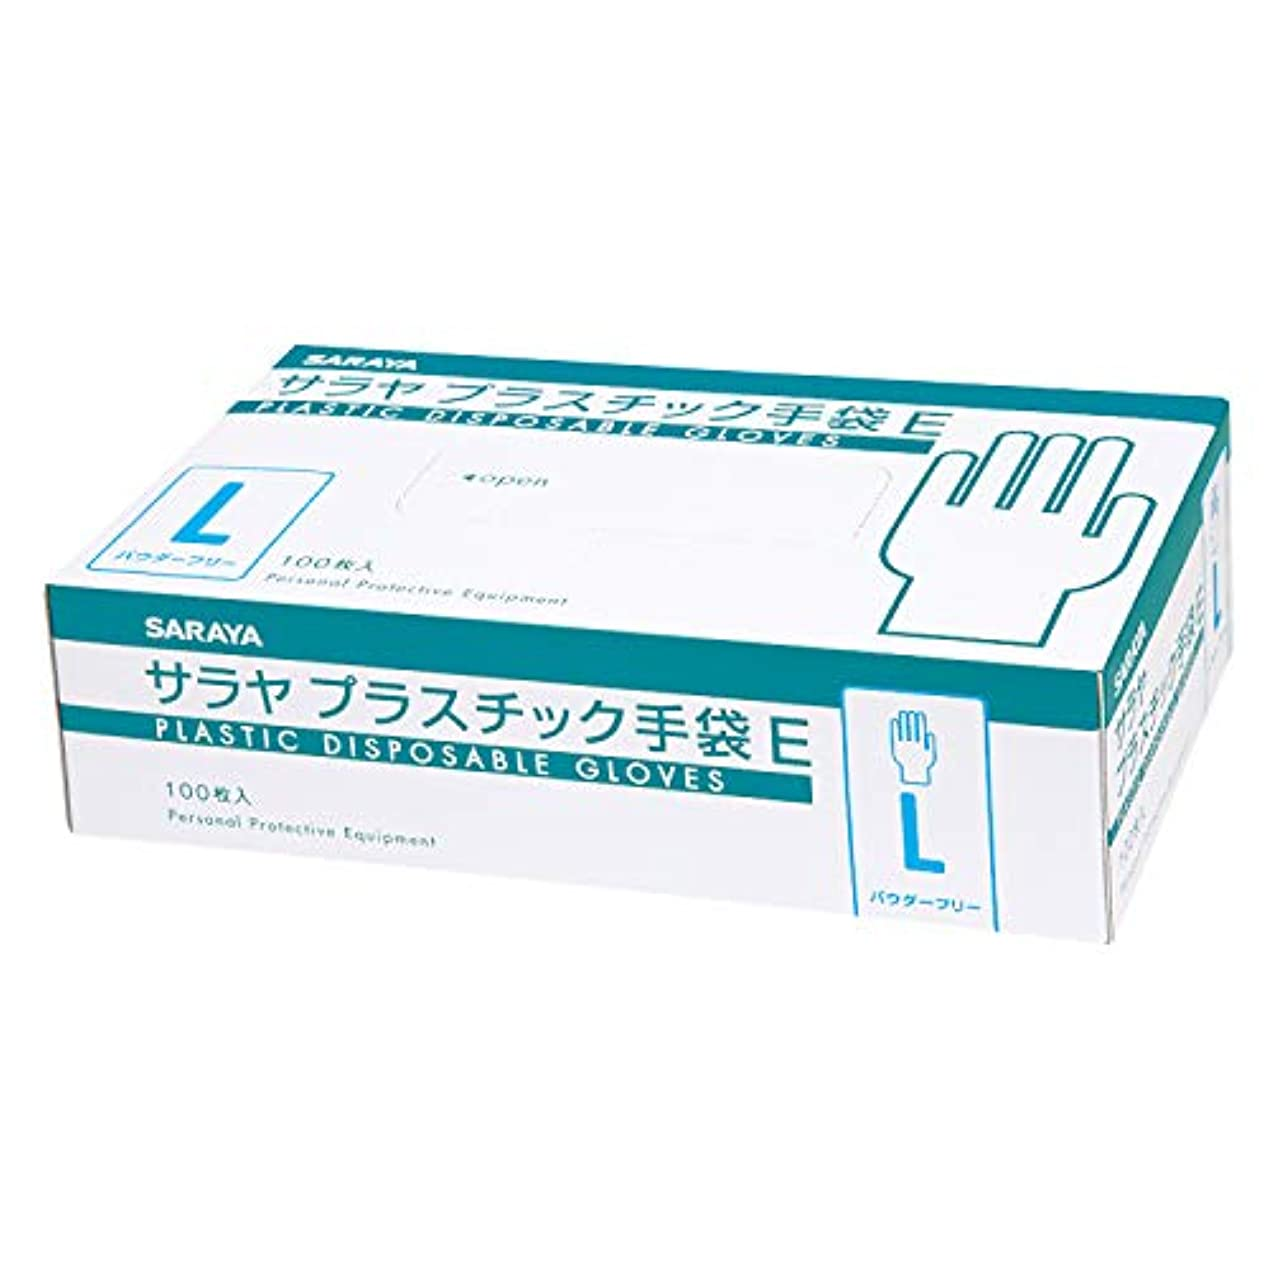 悪性の構造ヒープサラヤ 使い捨て手袋 プラスチック手袋E 粉なし Lサイズ 100枚入